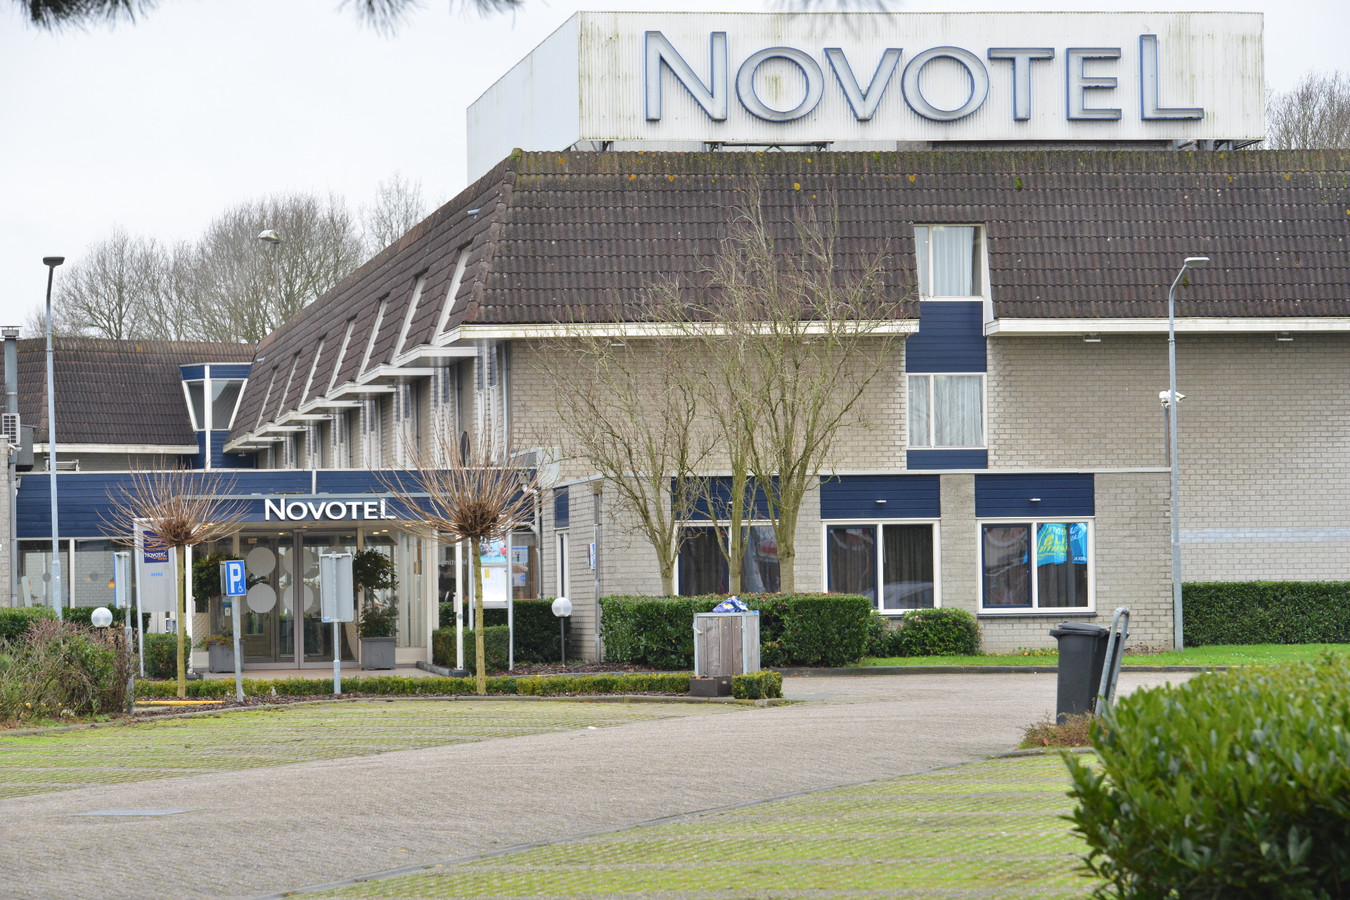 Novotel Breda, waar het voetbalteam zich misdroeg